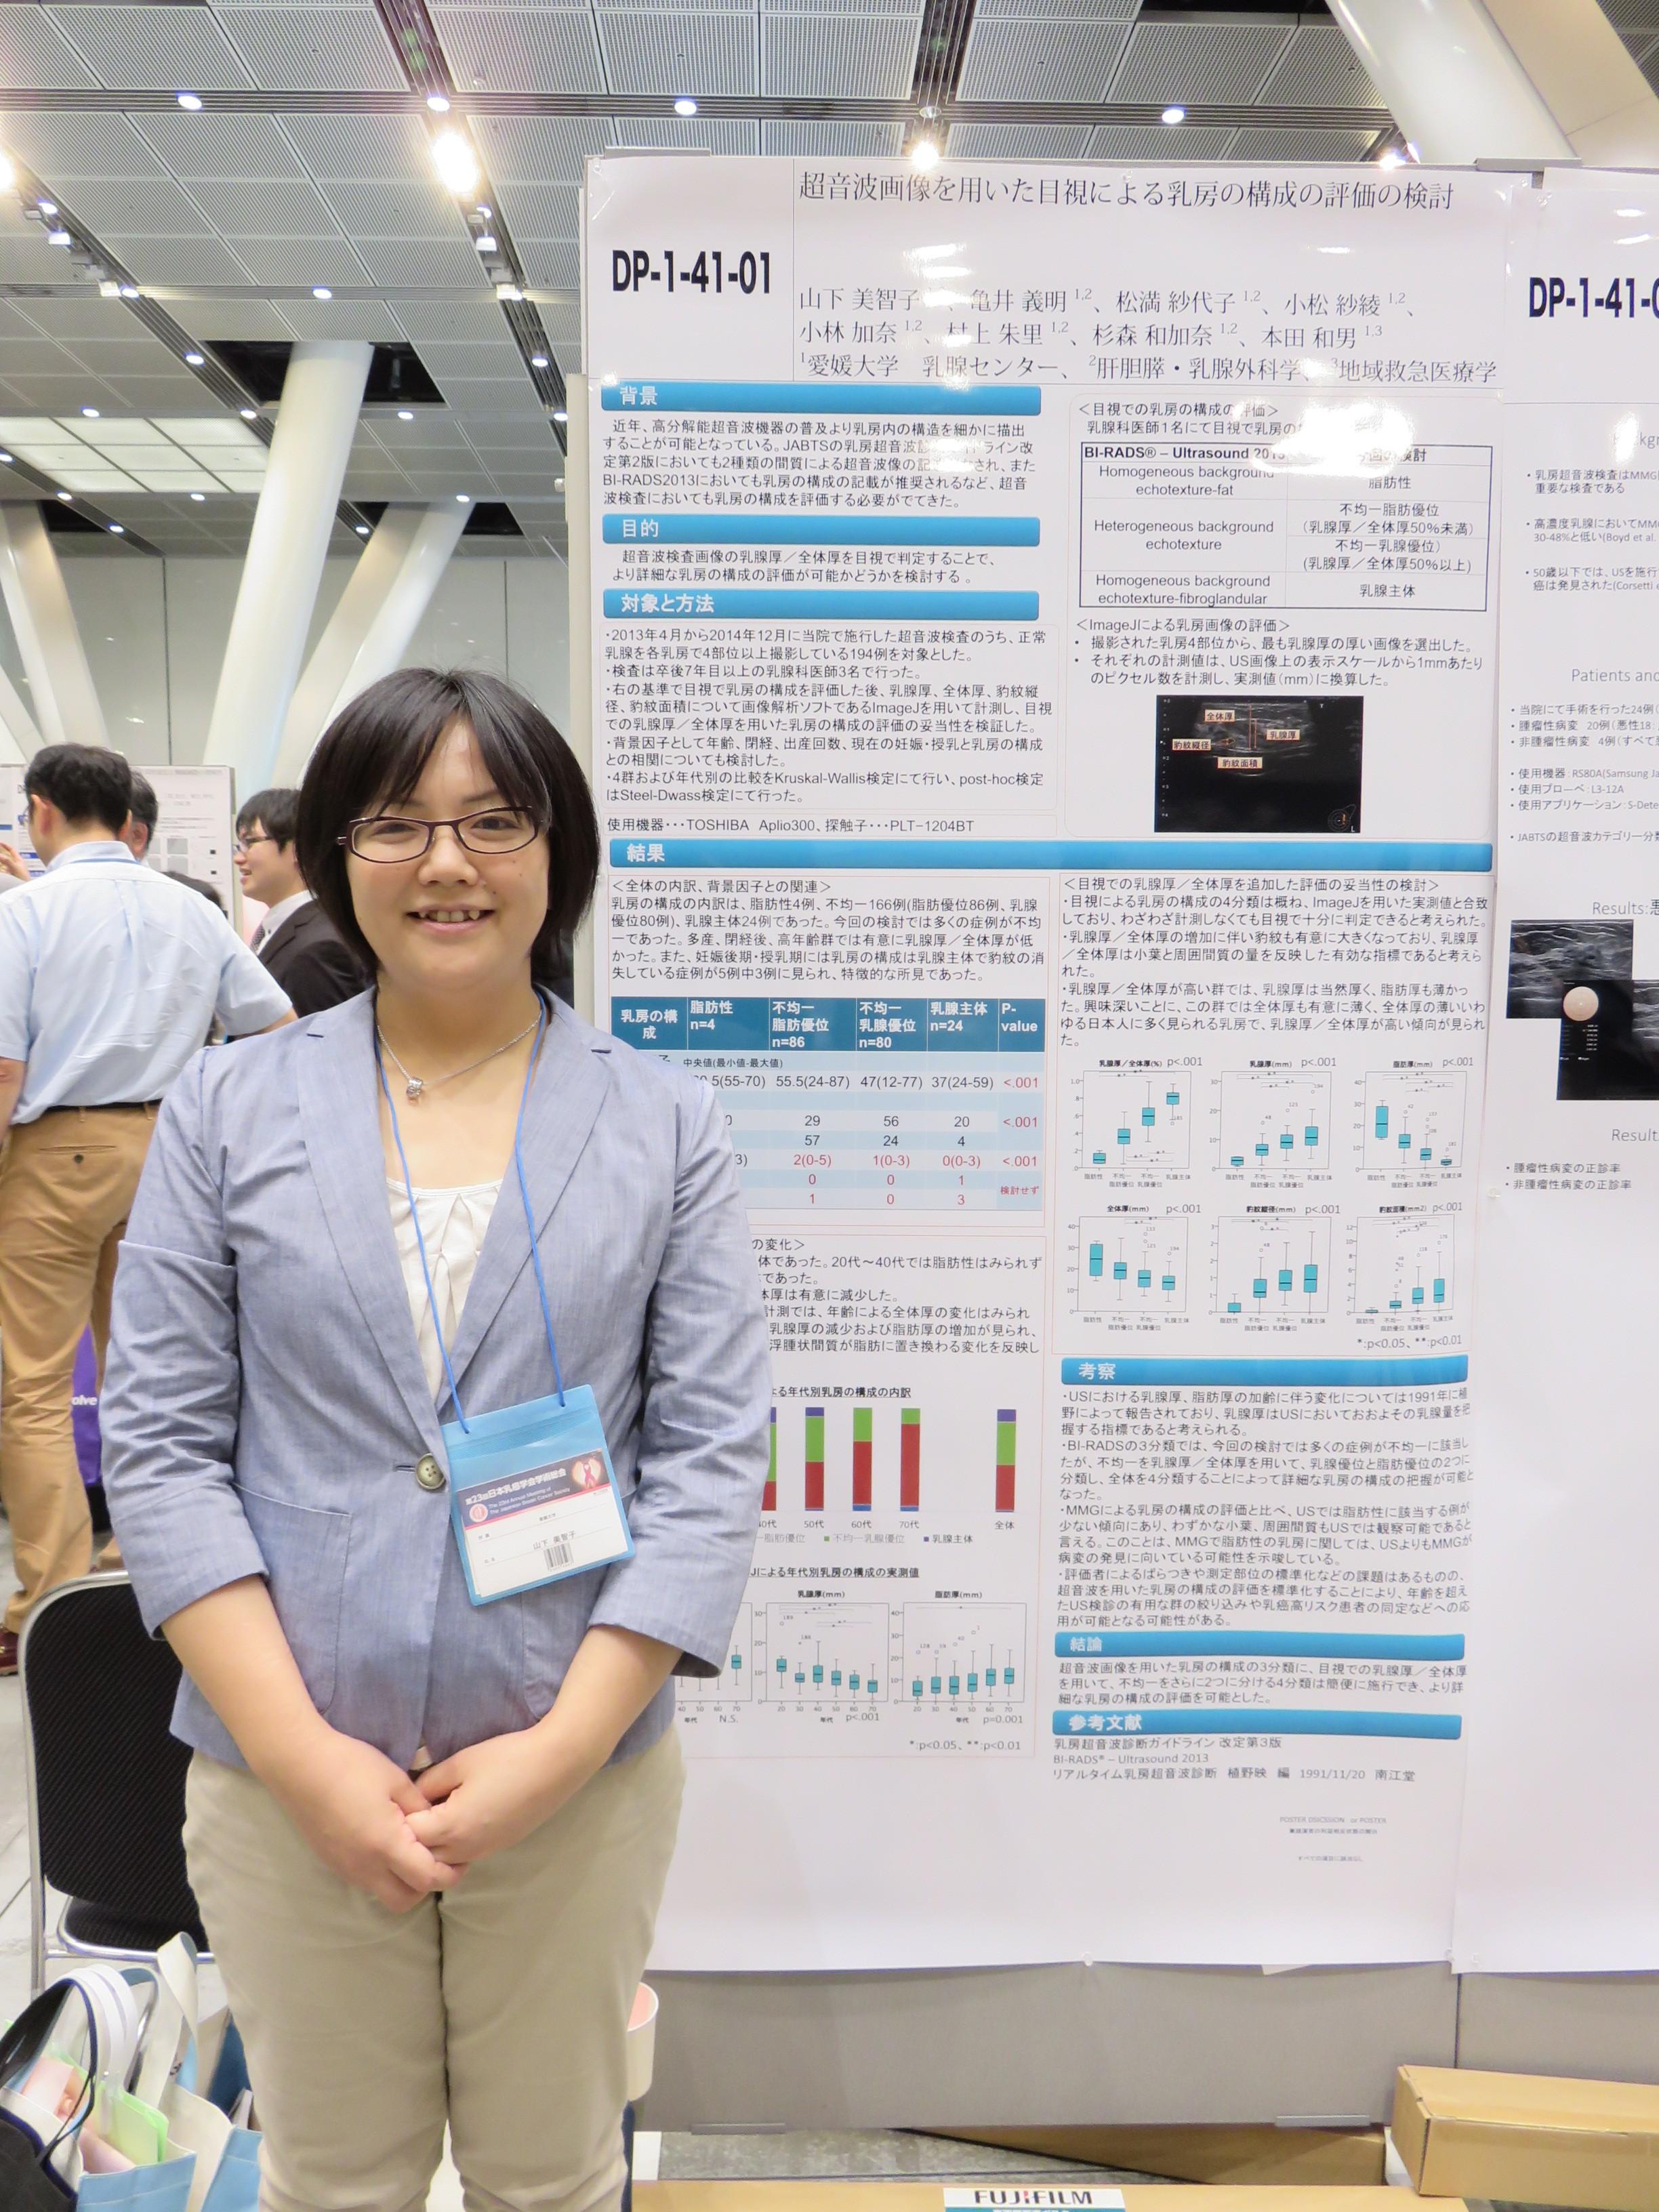 乳癌 学会 学術 総会 日本